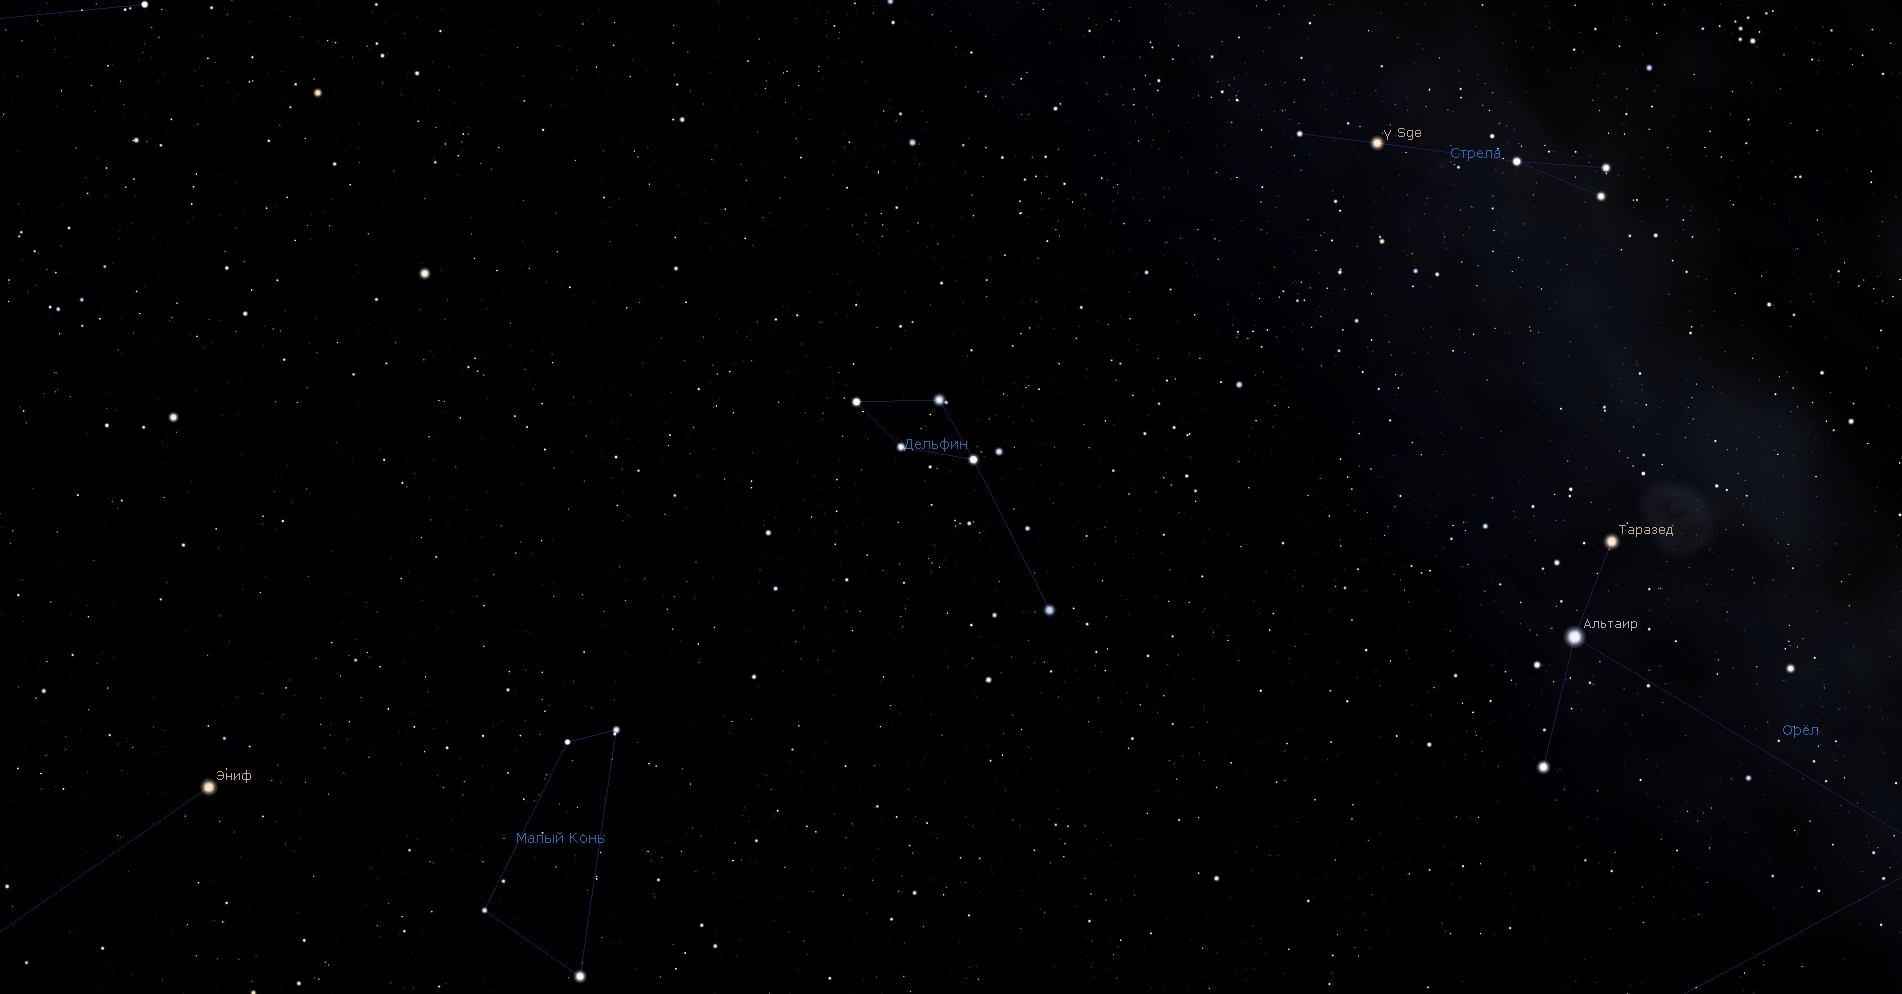 Созвездие Дельфин, вид в программу планетарий Stellarium